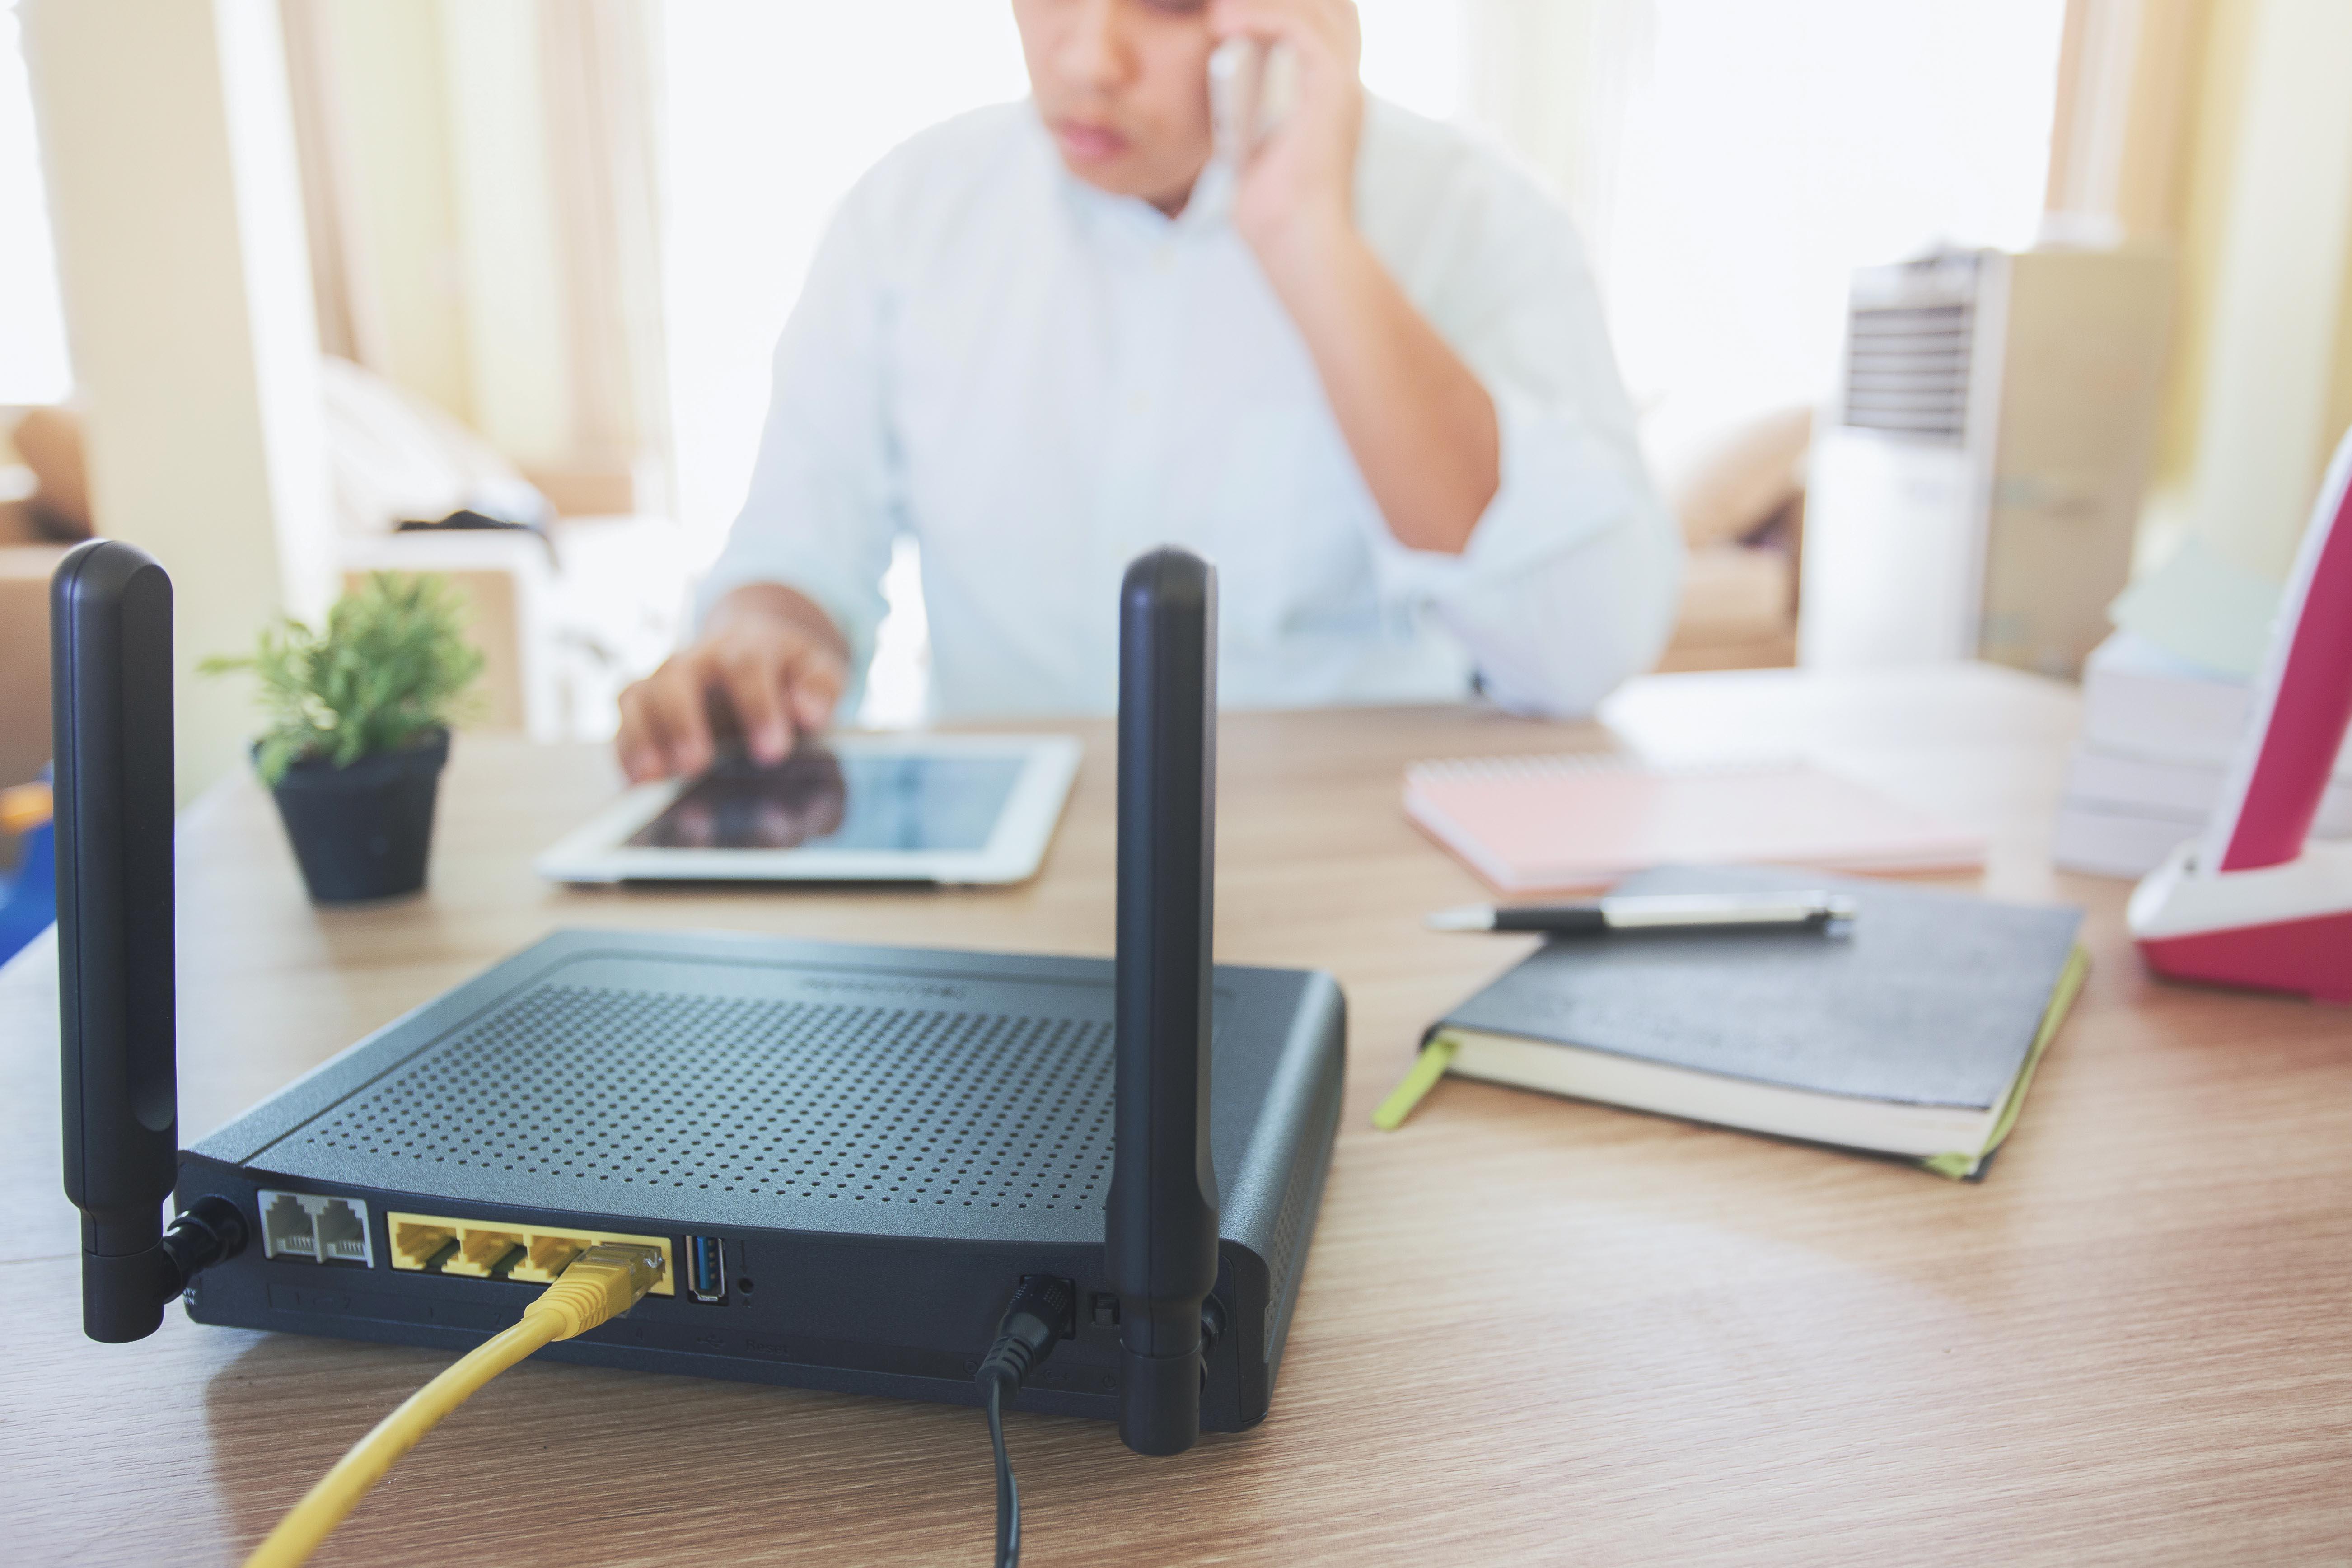 É perigoso contratar uma 'internet de bairro' ou pequenos provedores locais?